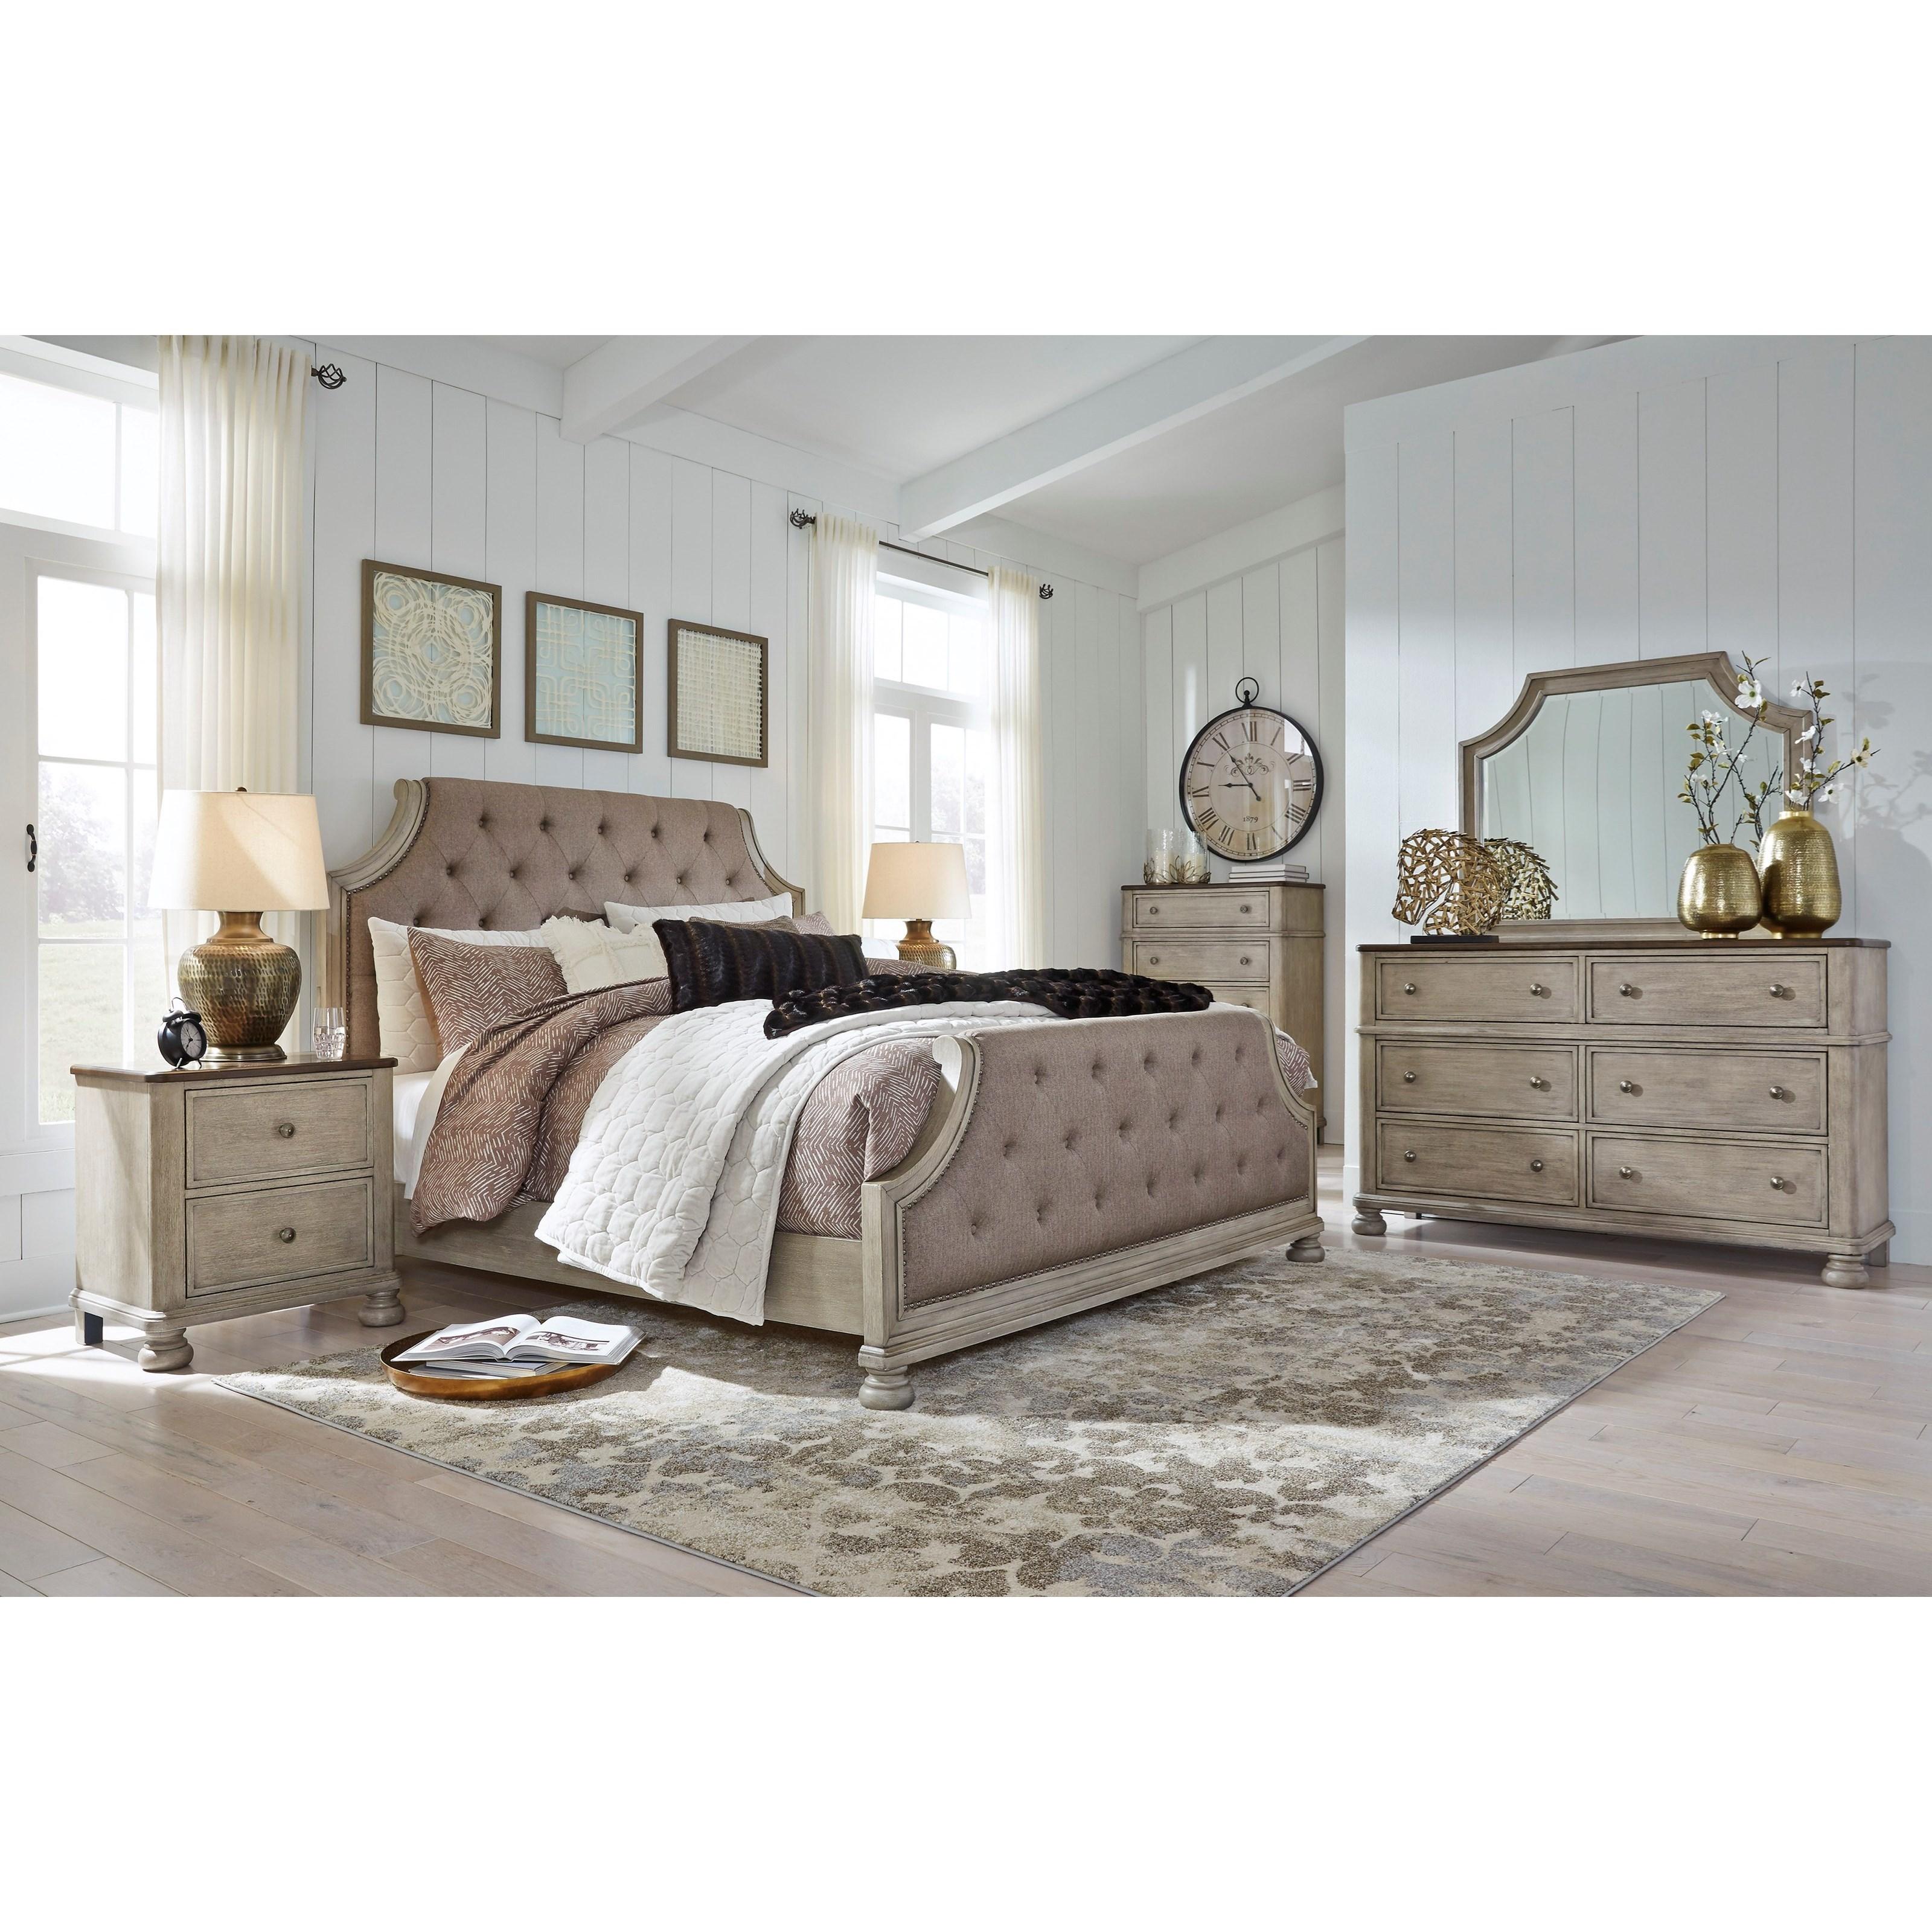 Falkhurst King Bedroom Group by Benchcraft at Walker's Furniture